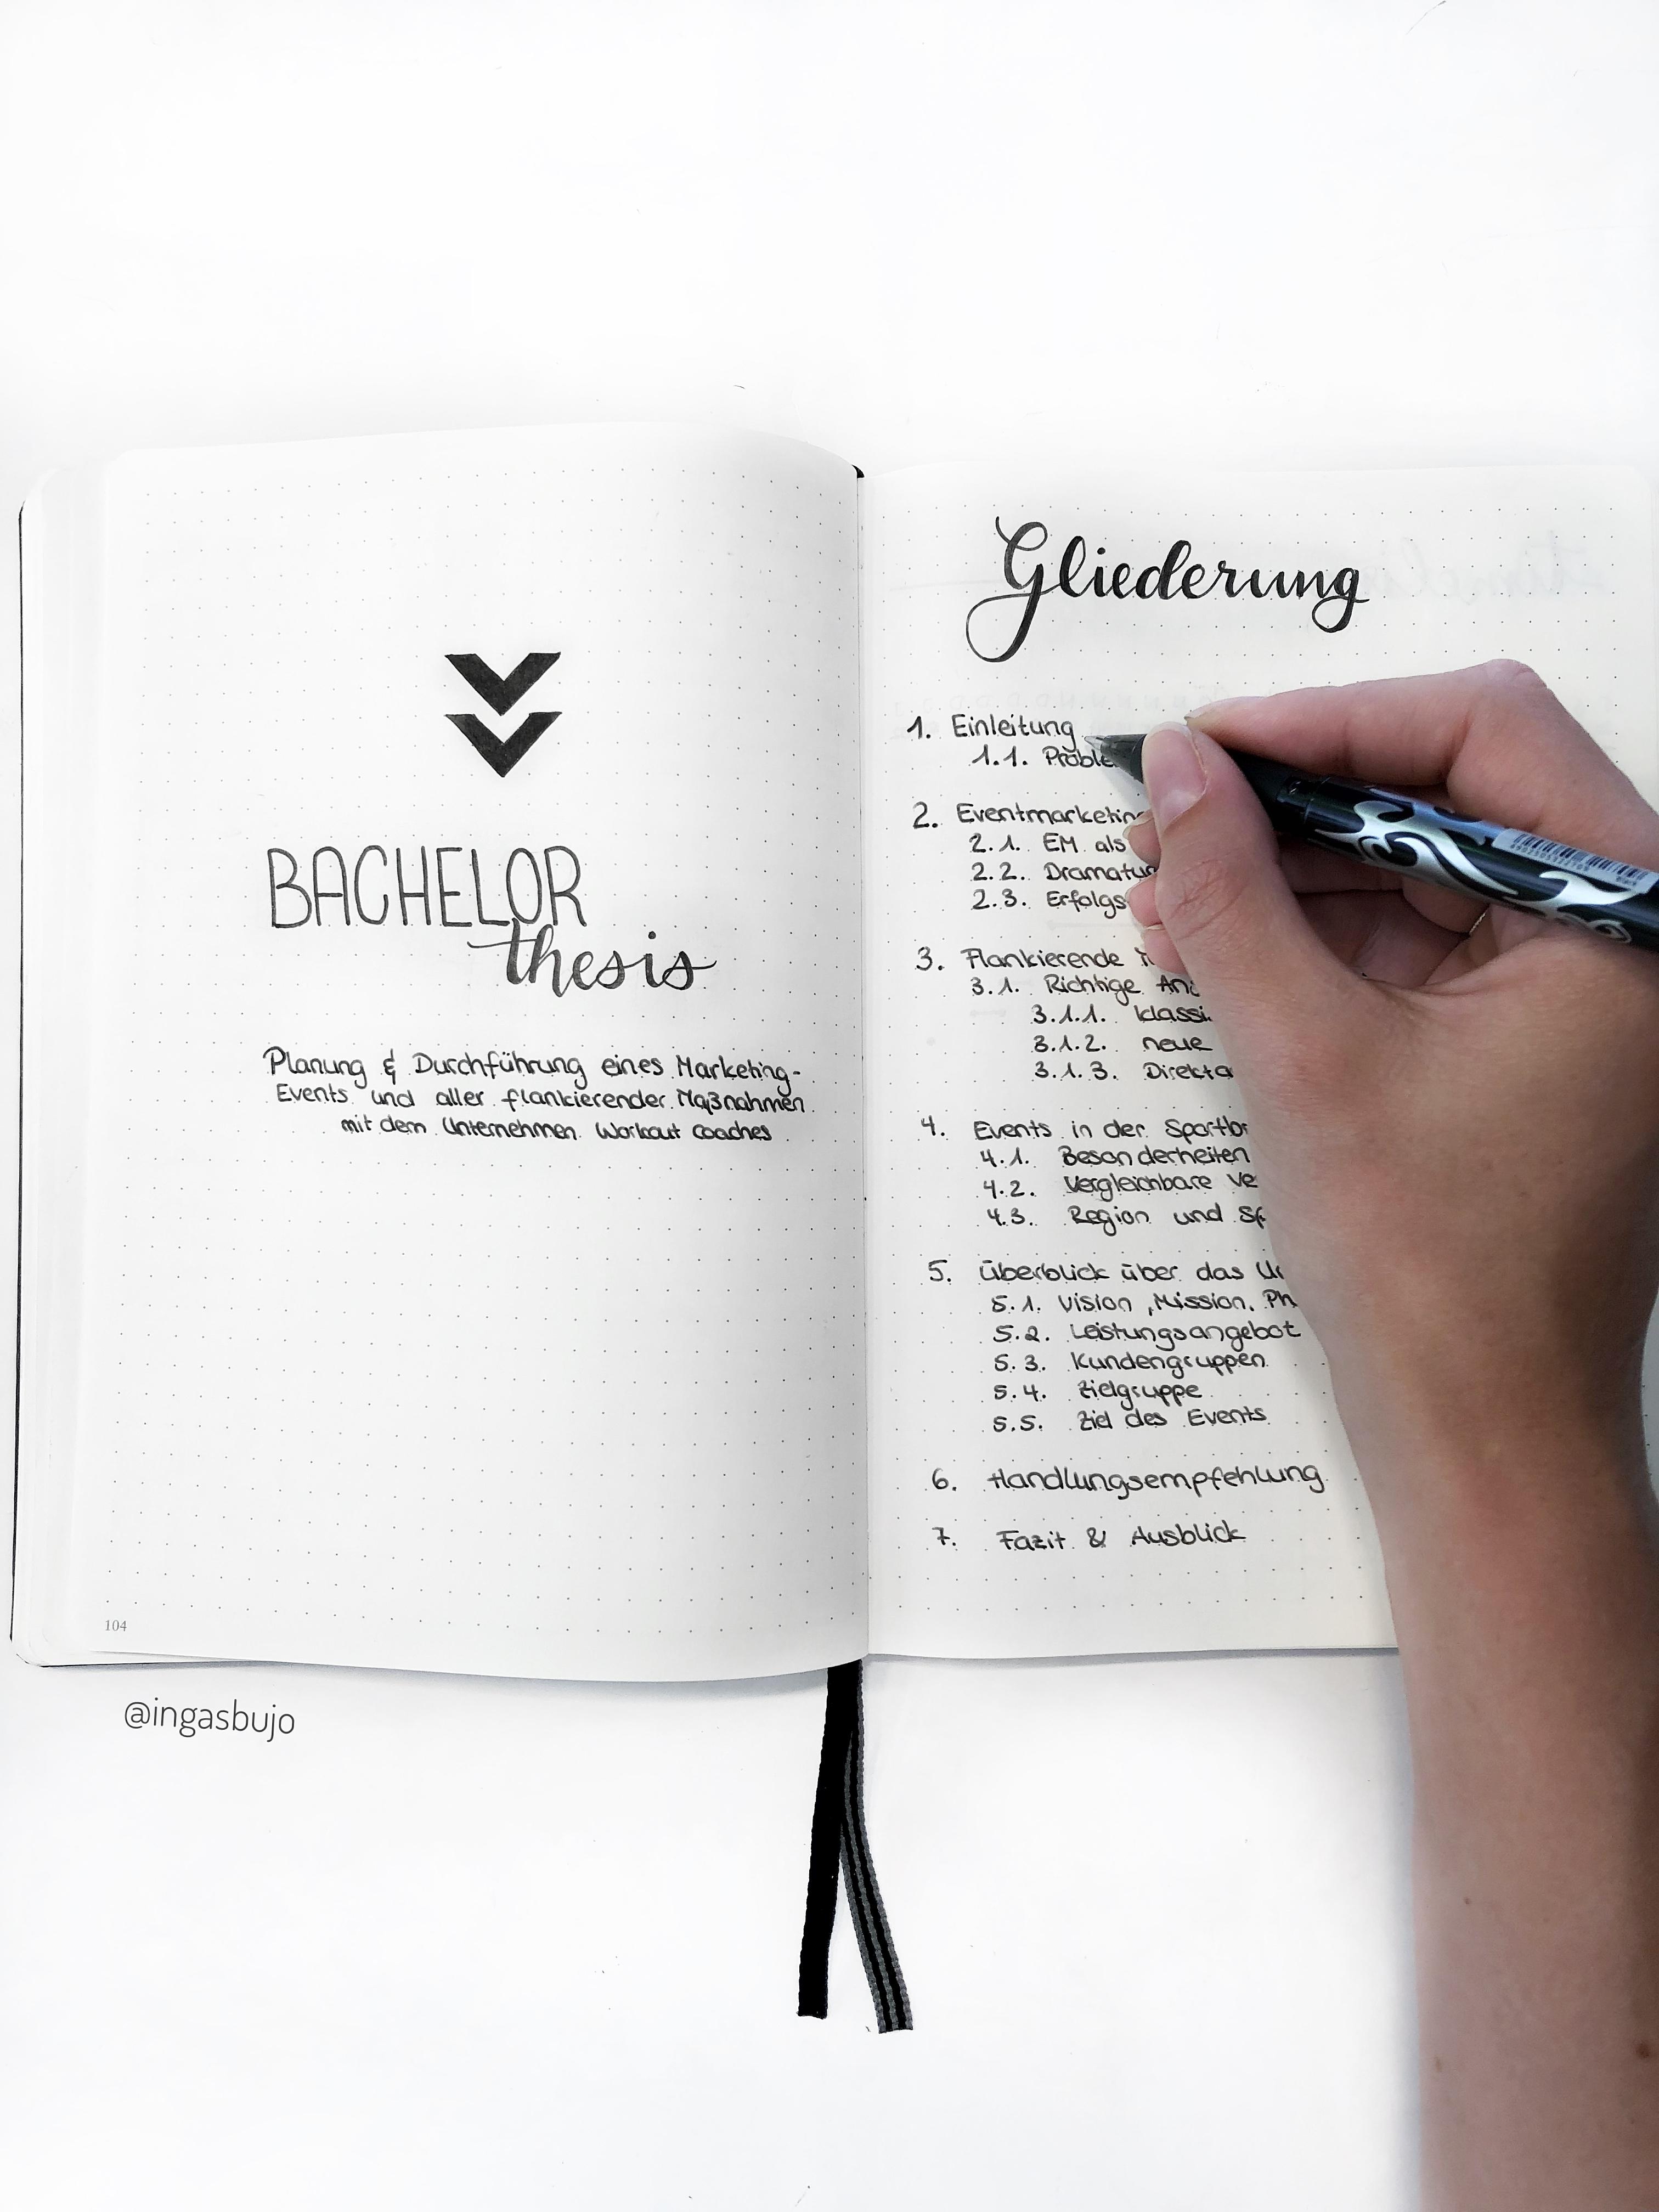 Bachelor Thesis Agenda